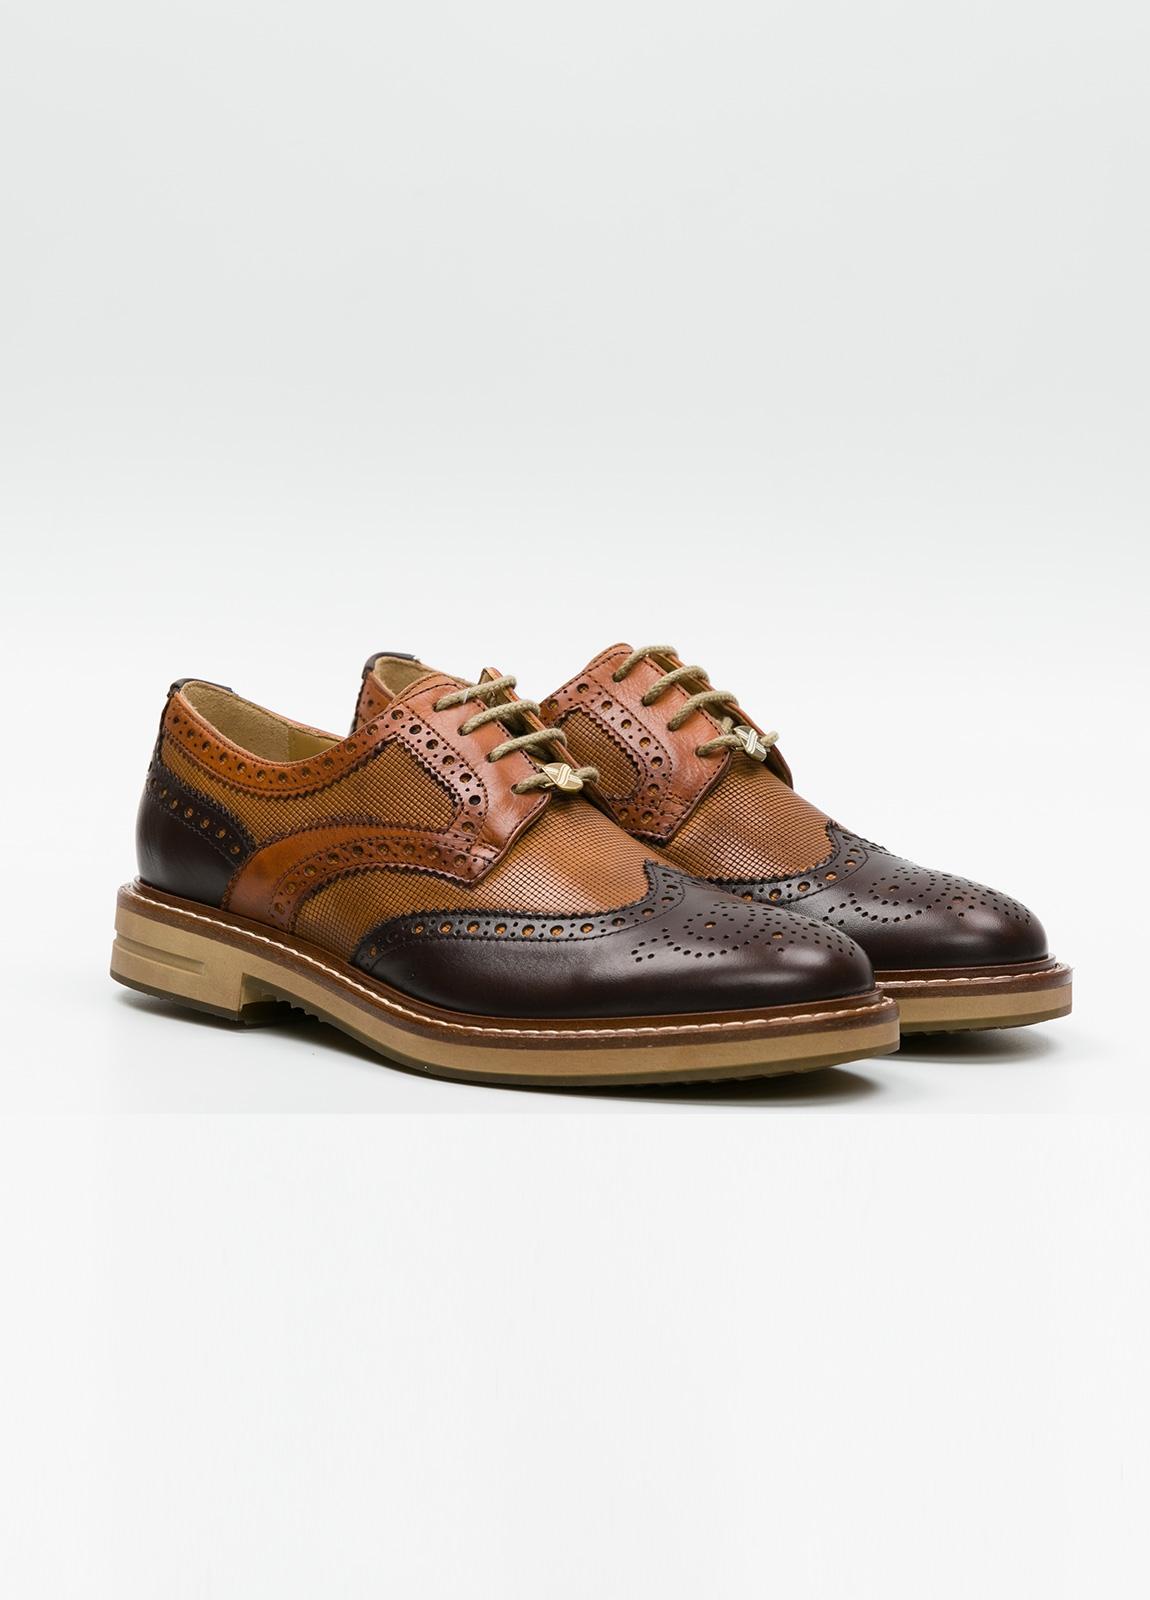 Zapato Formal Wear con cordones con detalles troquelados y combinación de piel lisa color marrón y piel grabada color cognac. 100% piel. - Ítem2